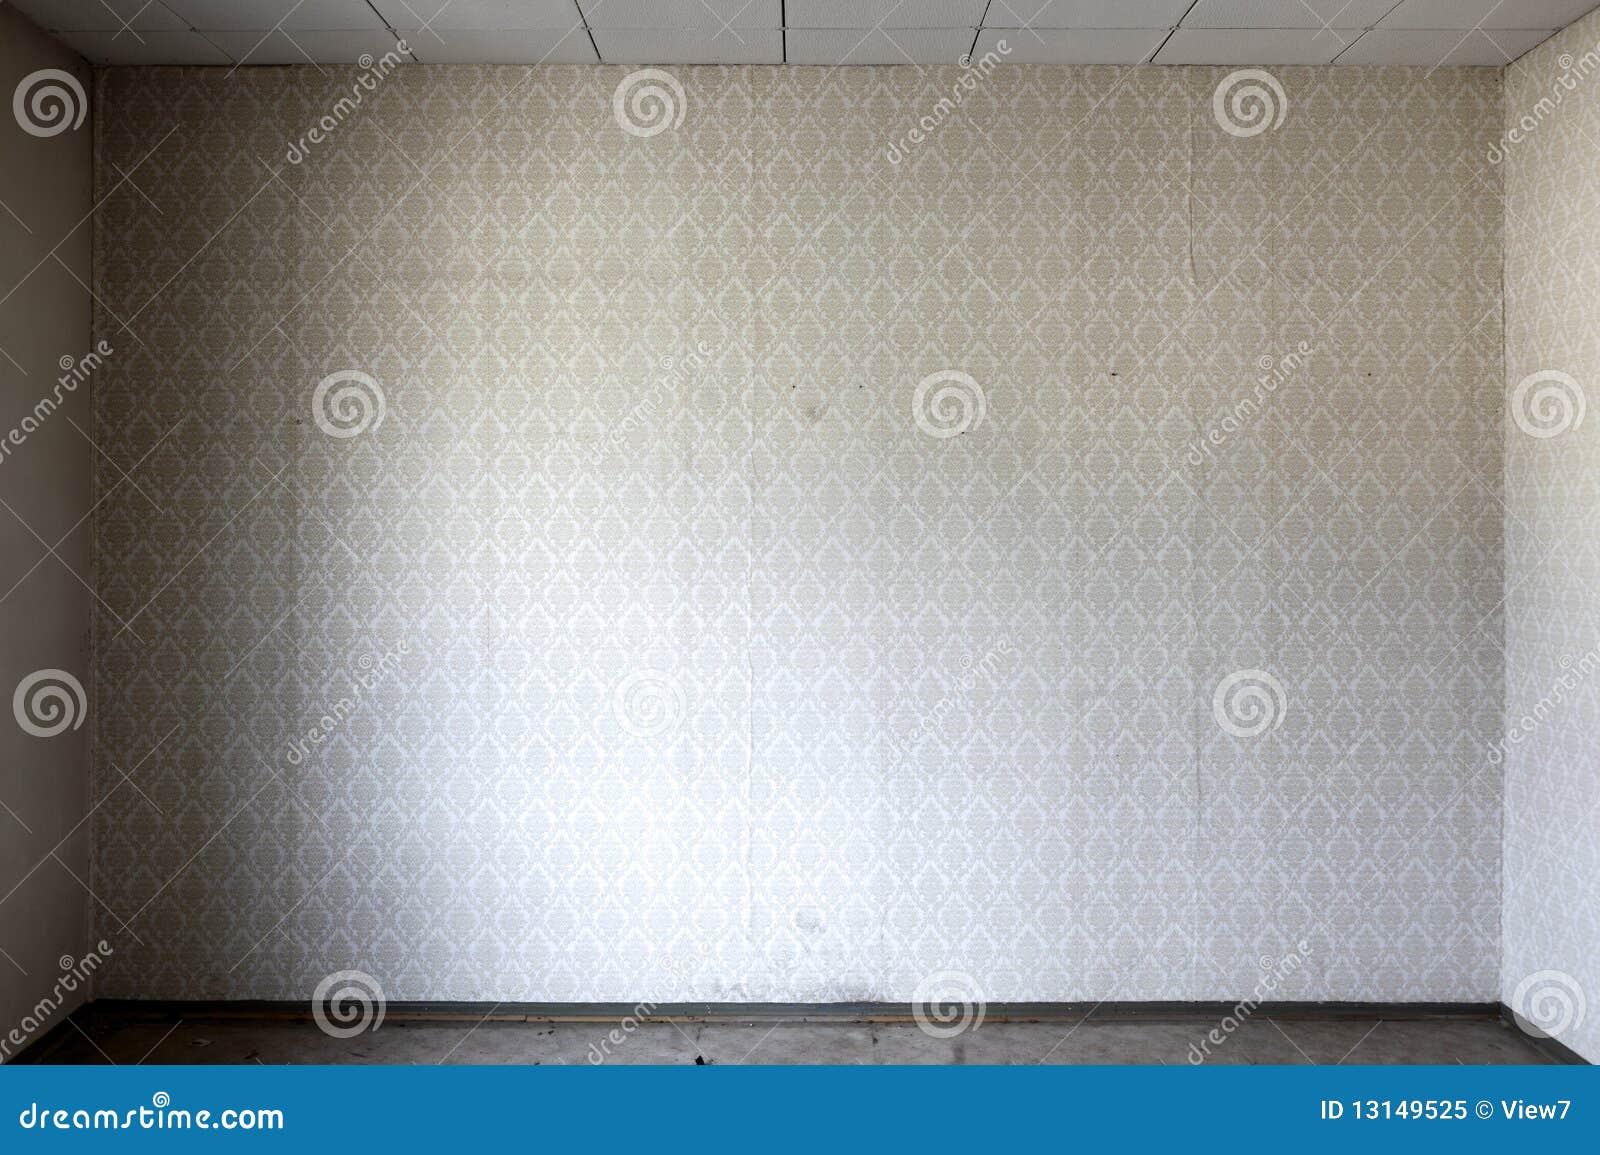 Papel De Parede No Quarto Desencapado Foto de Stock